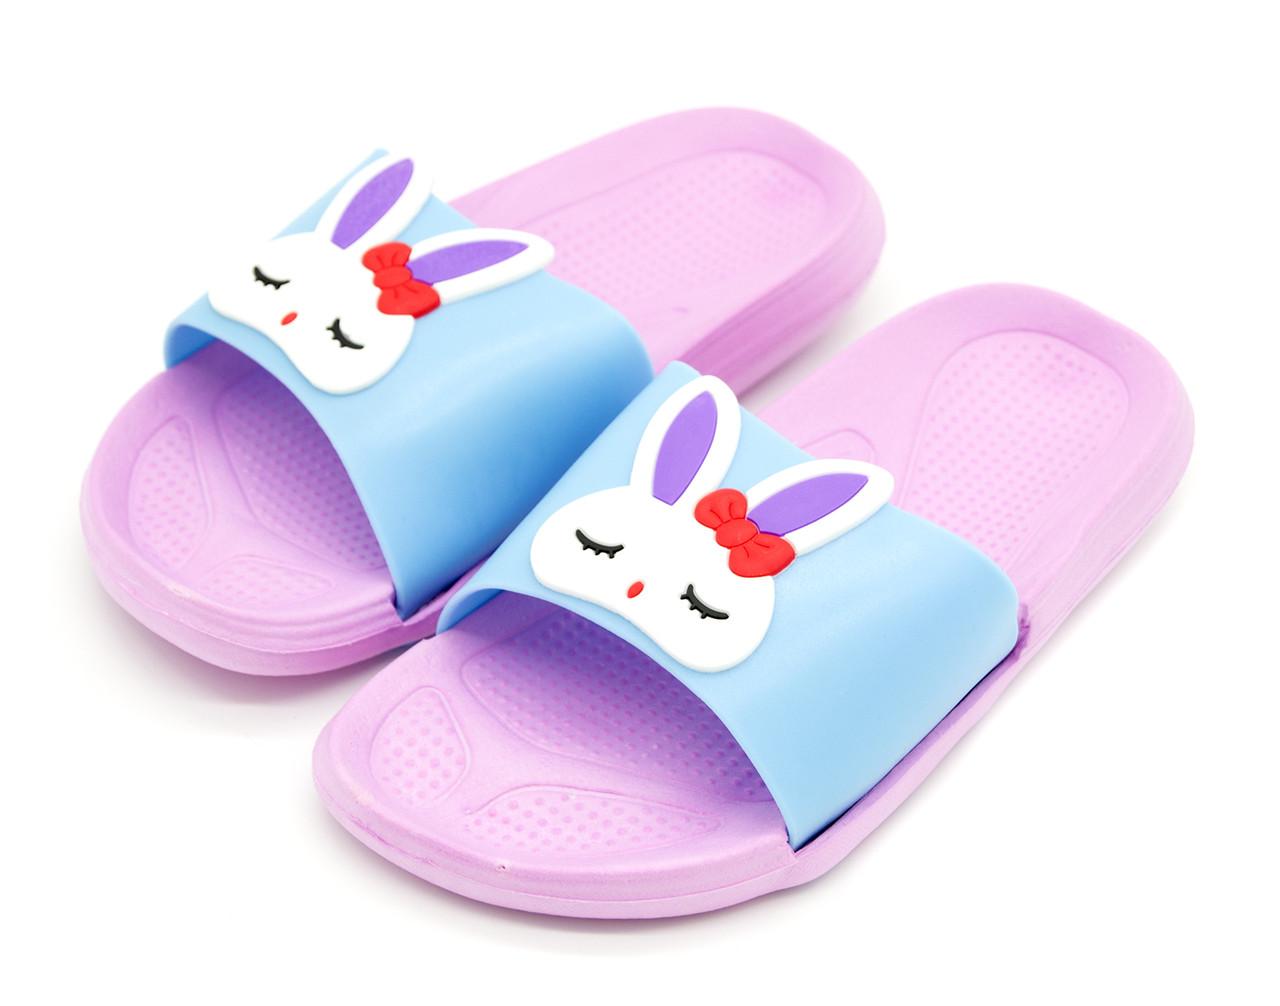 Шлепанцы Для девочек Розово-голубой